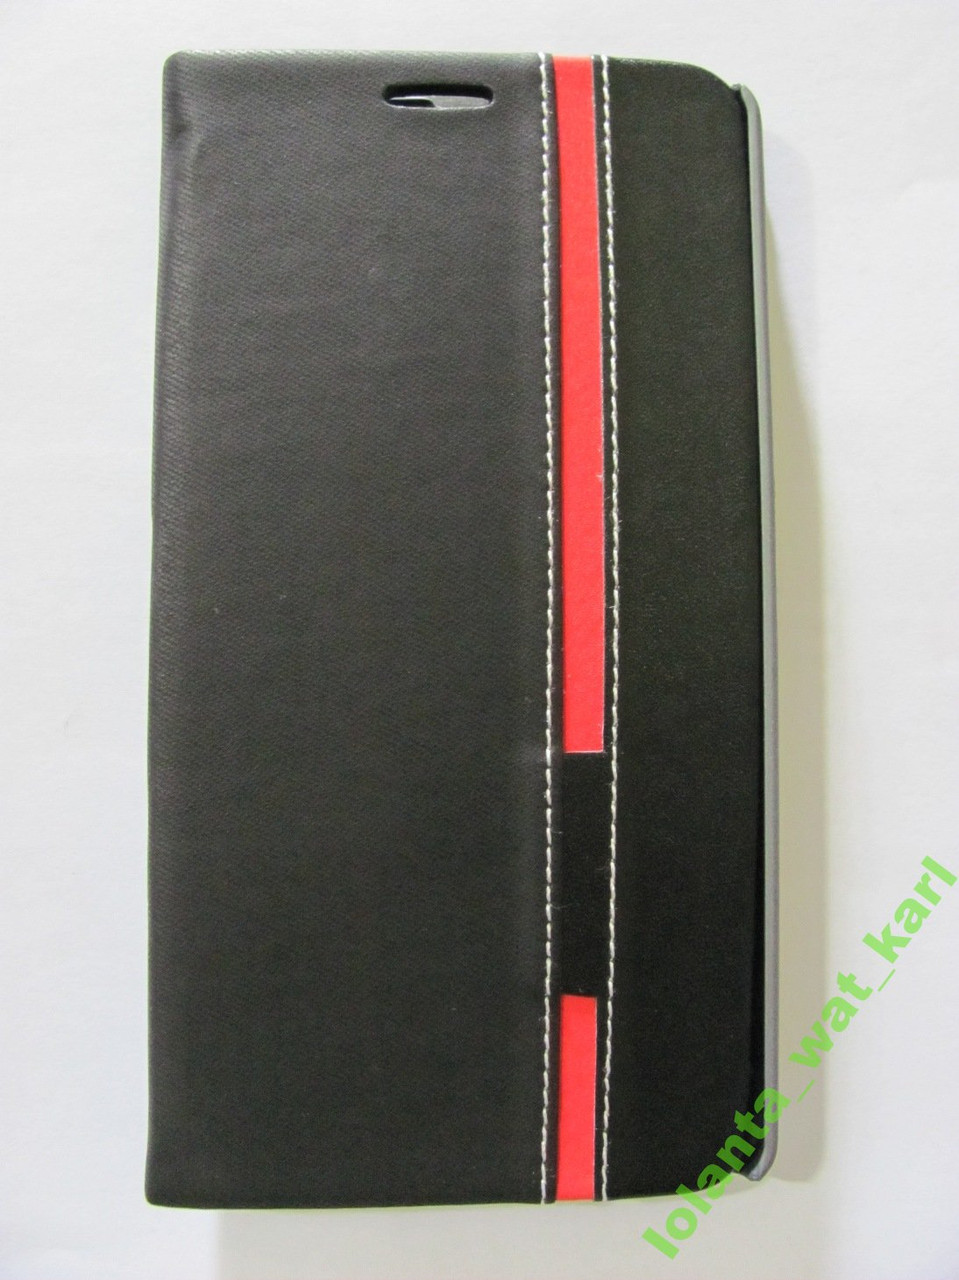 Роскошный чехол-книга PU-кожа для Lenovo K3 Note